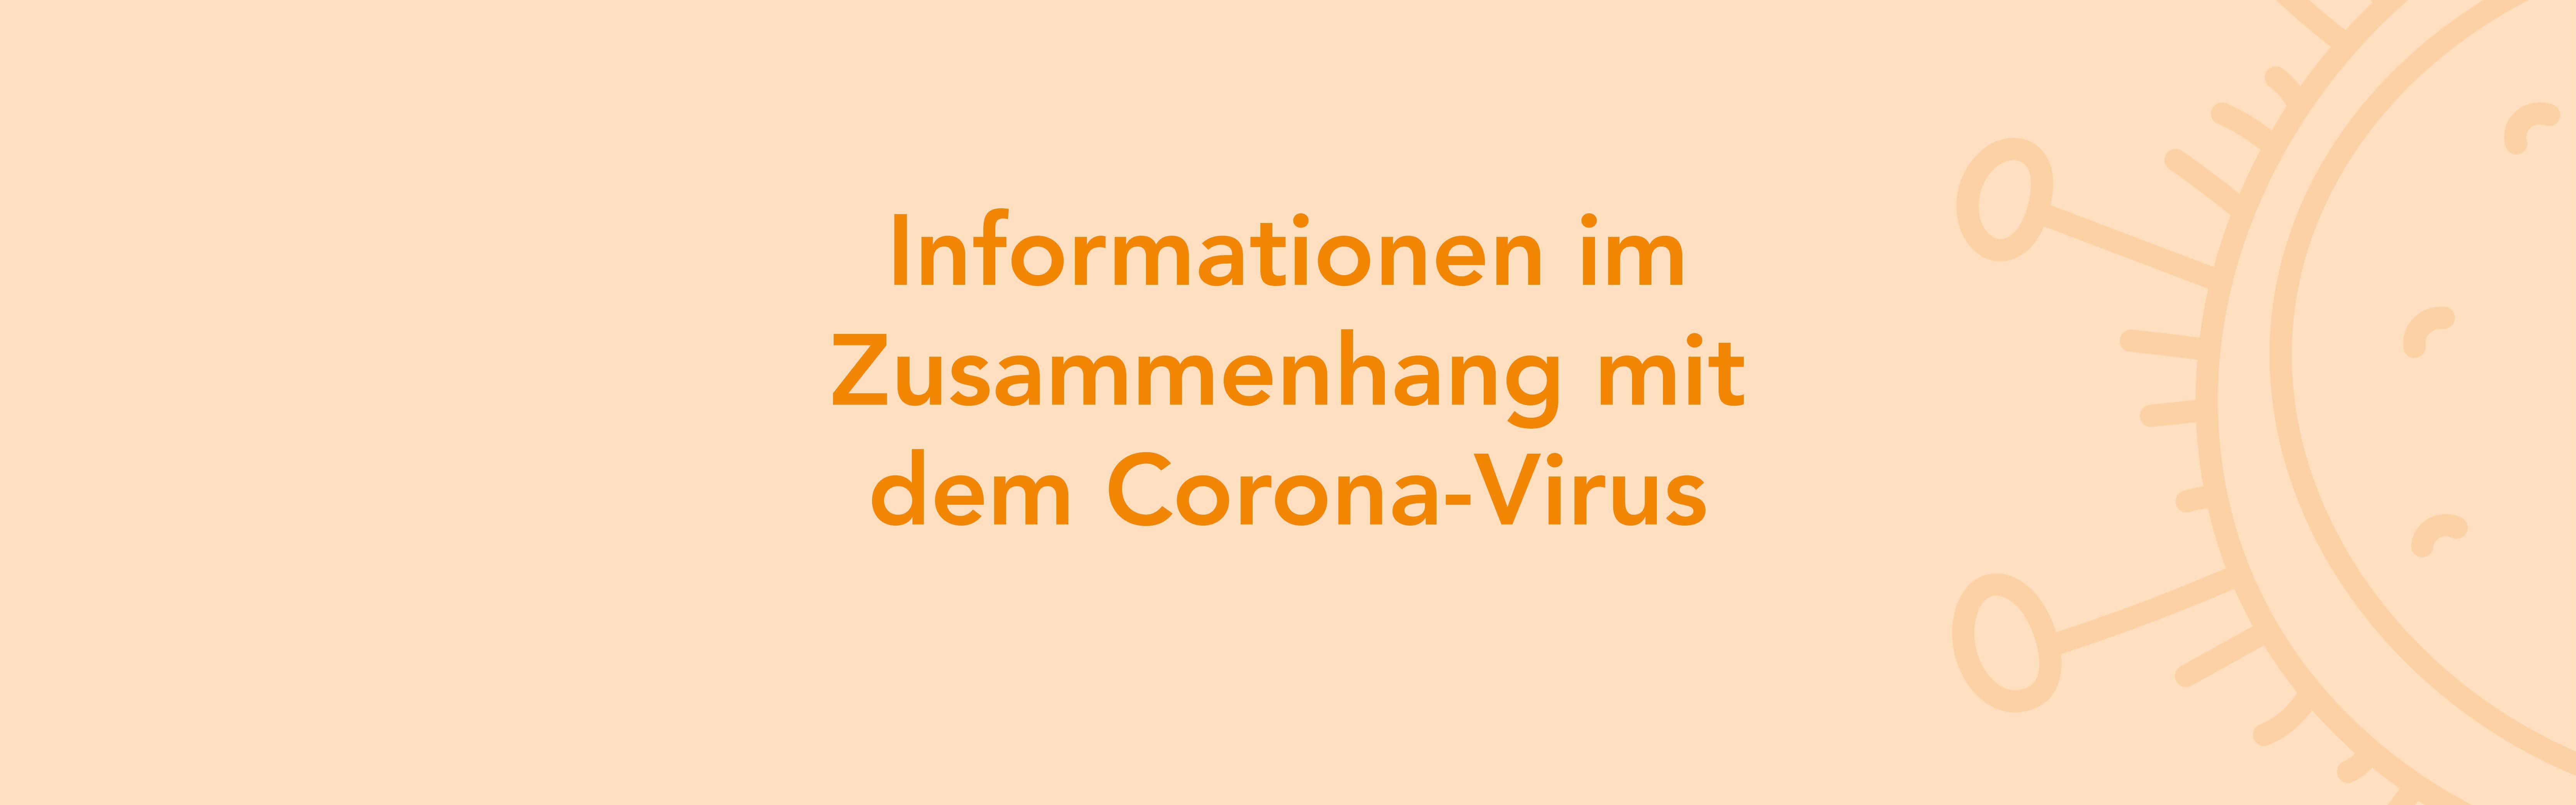 Informationen im Zusammenhang mit dem Corona-Virus